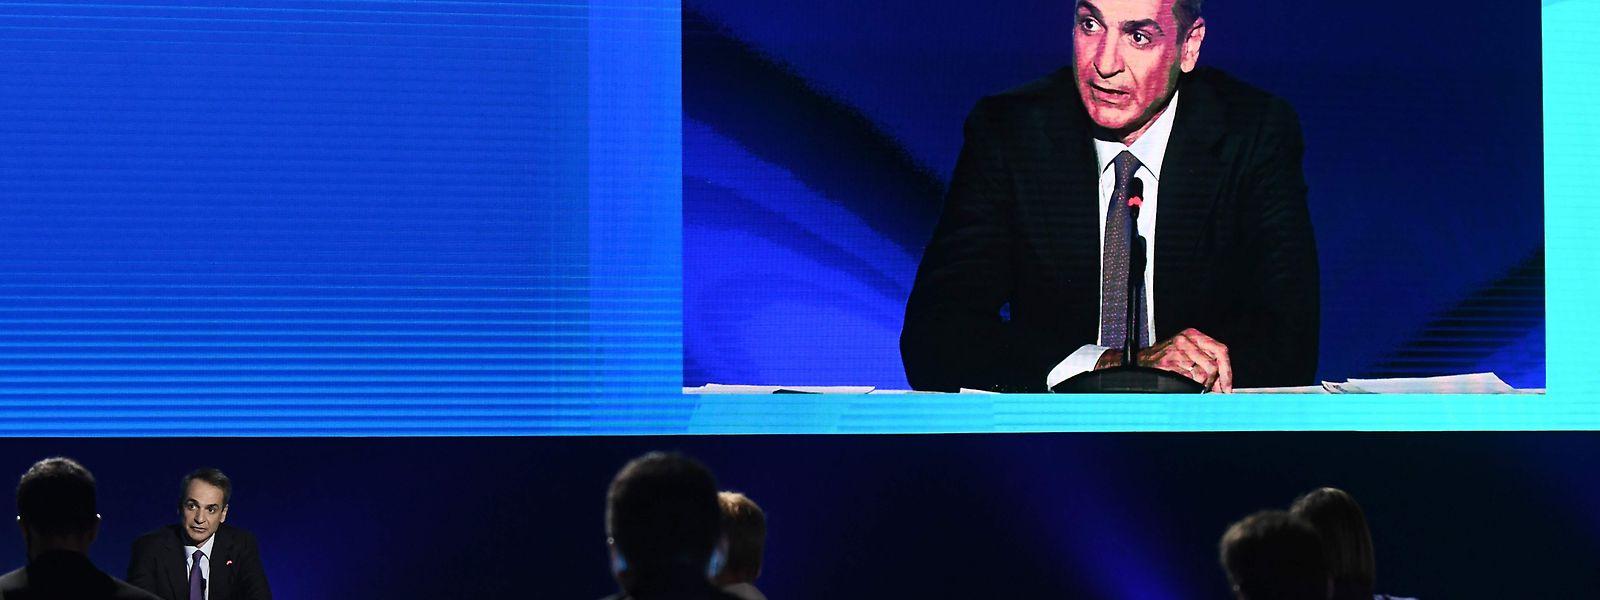 Premierminister Kyriakos Mitsotakis während einer Ansprache.